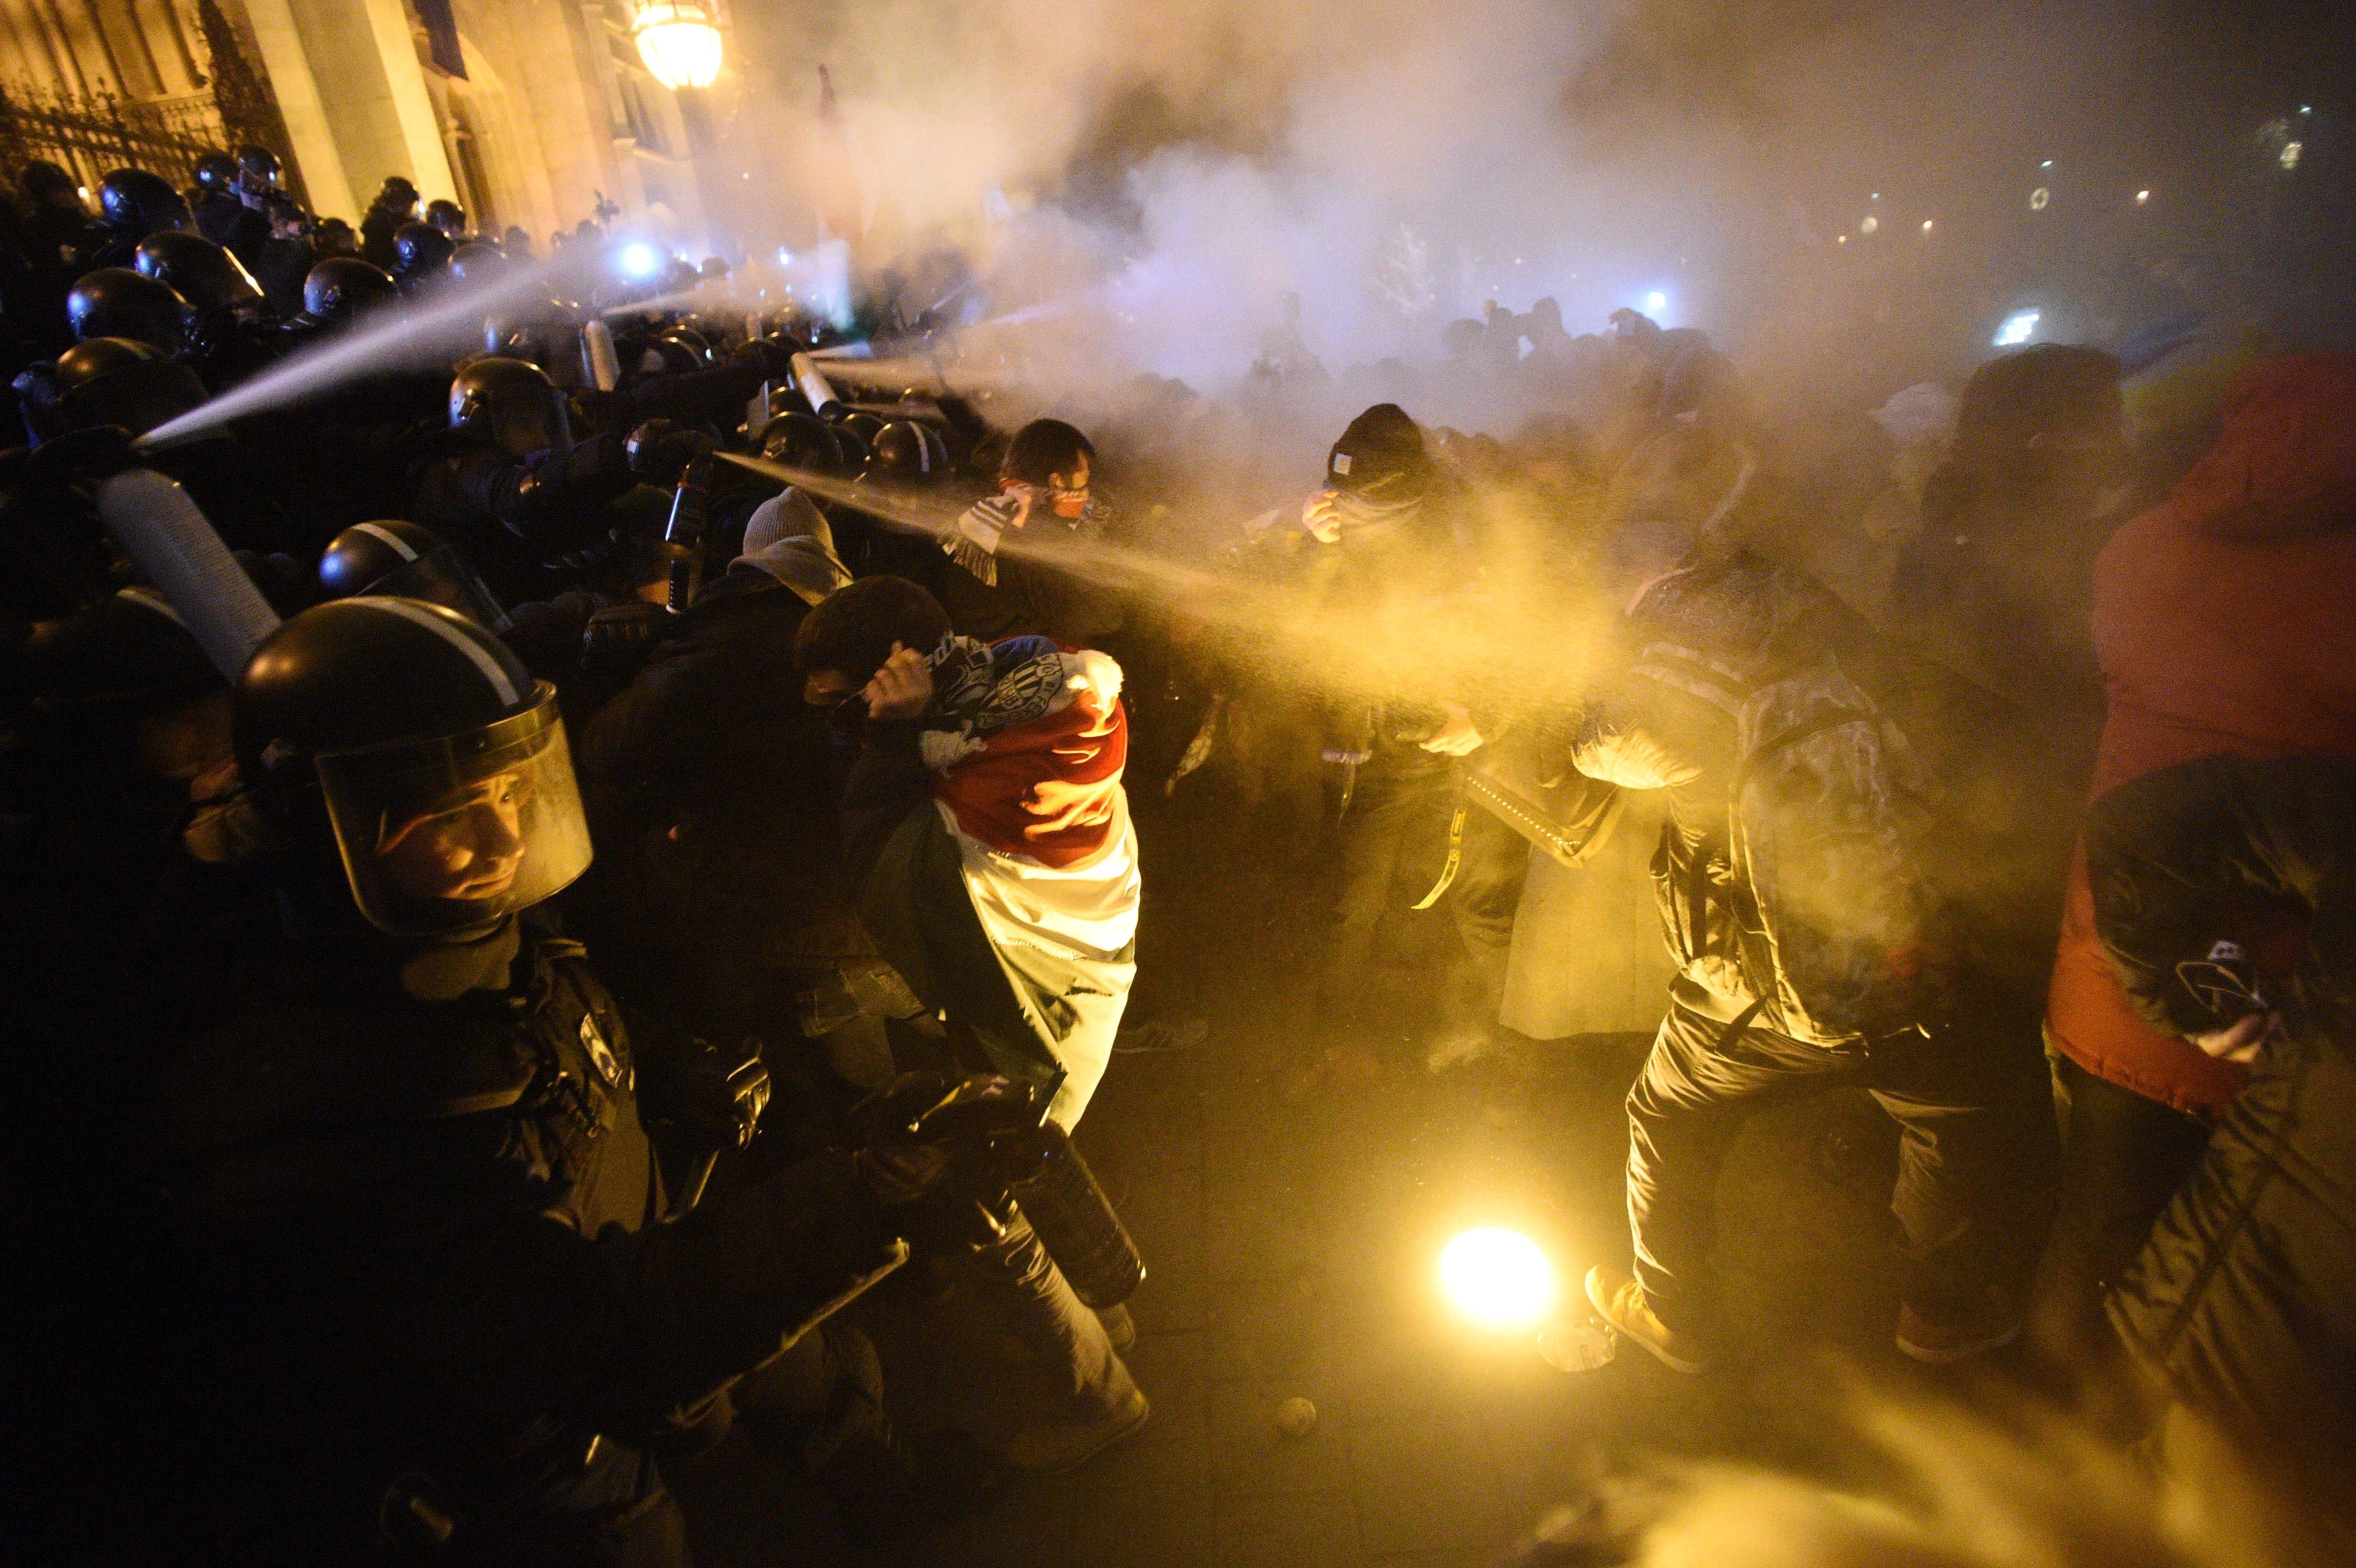 Hídlezárás, füstgránát és könnygáz – a csütörtöki tüntetés képei